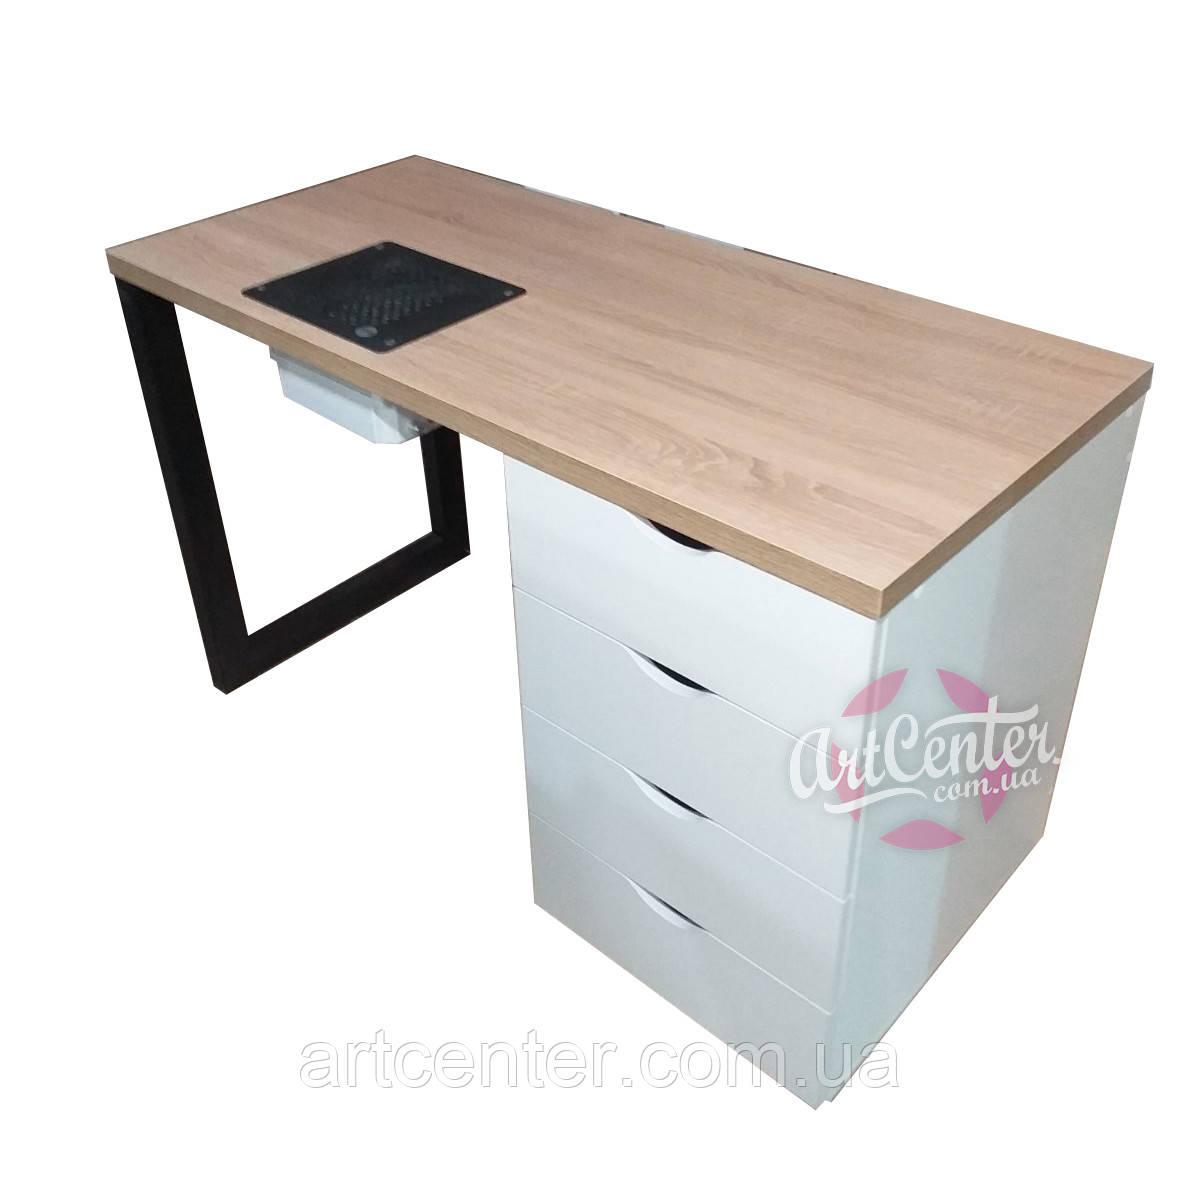 Стол для мастера маникюра, маникююрный стол современного дизайна